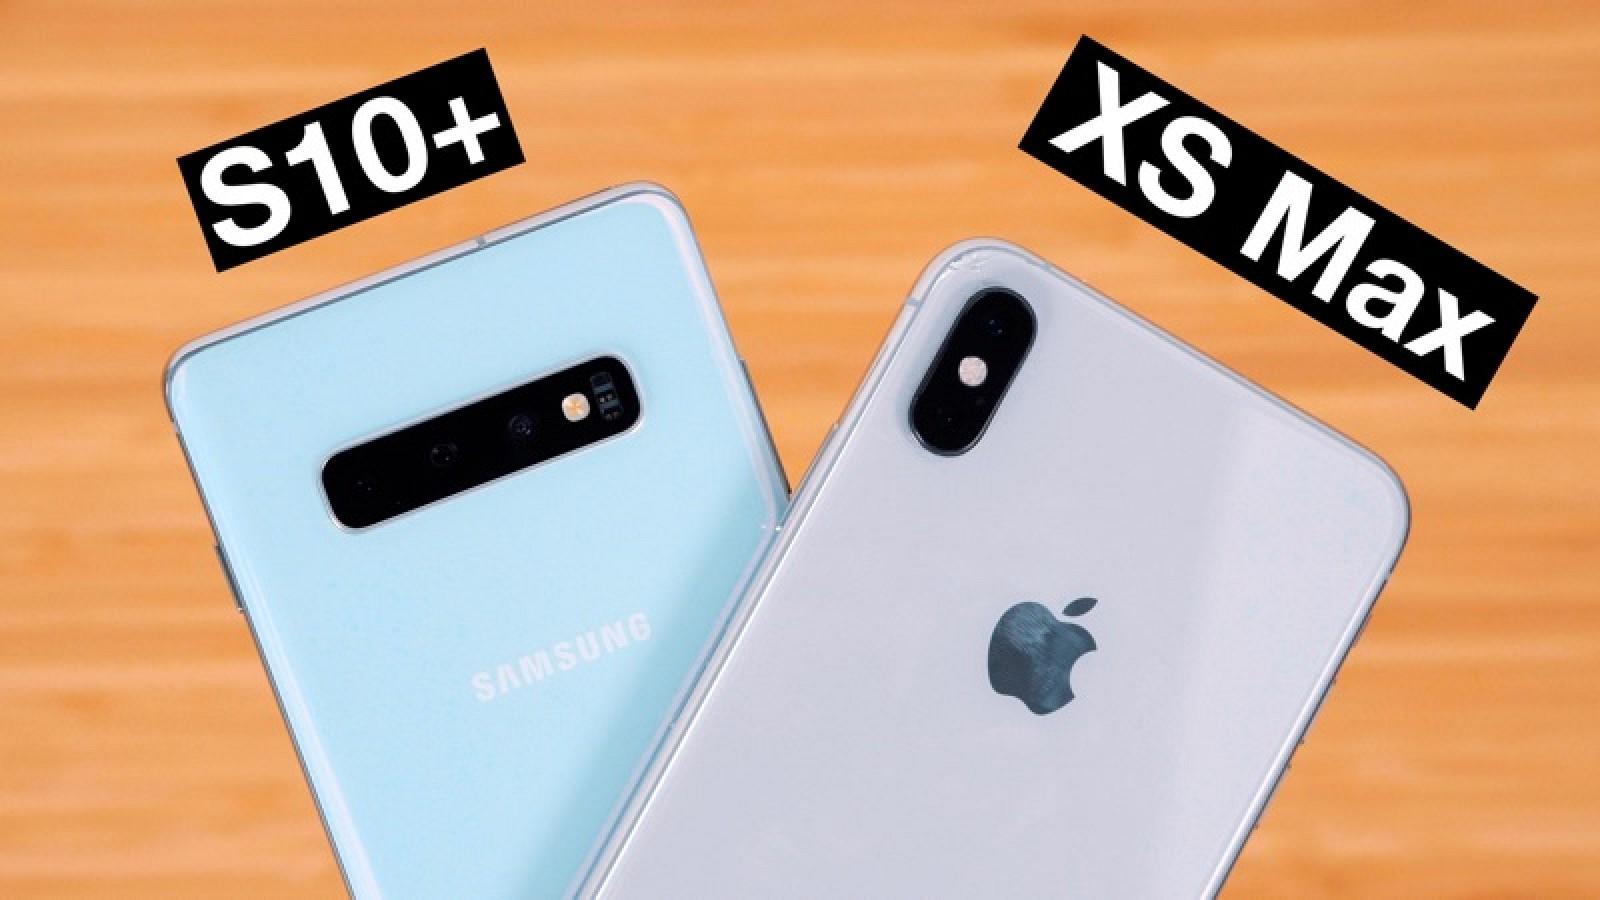 Camera Comparison: IPhone XS Max Vs. Samsung Galaxy S10